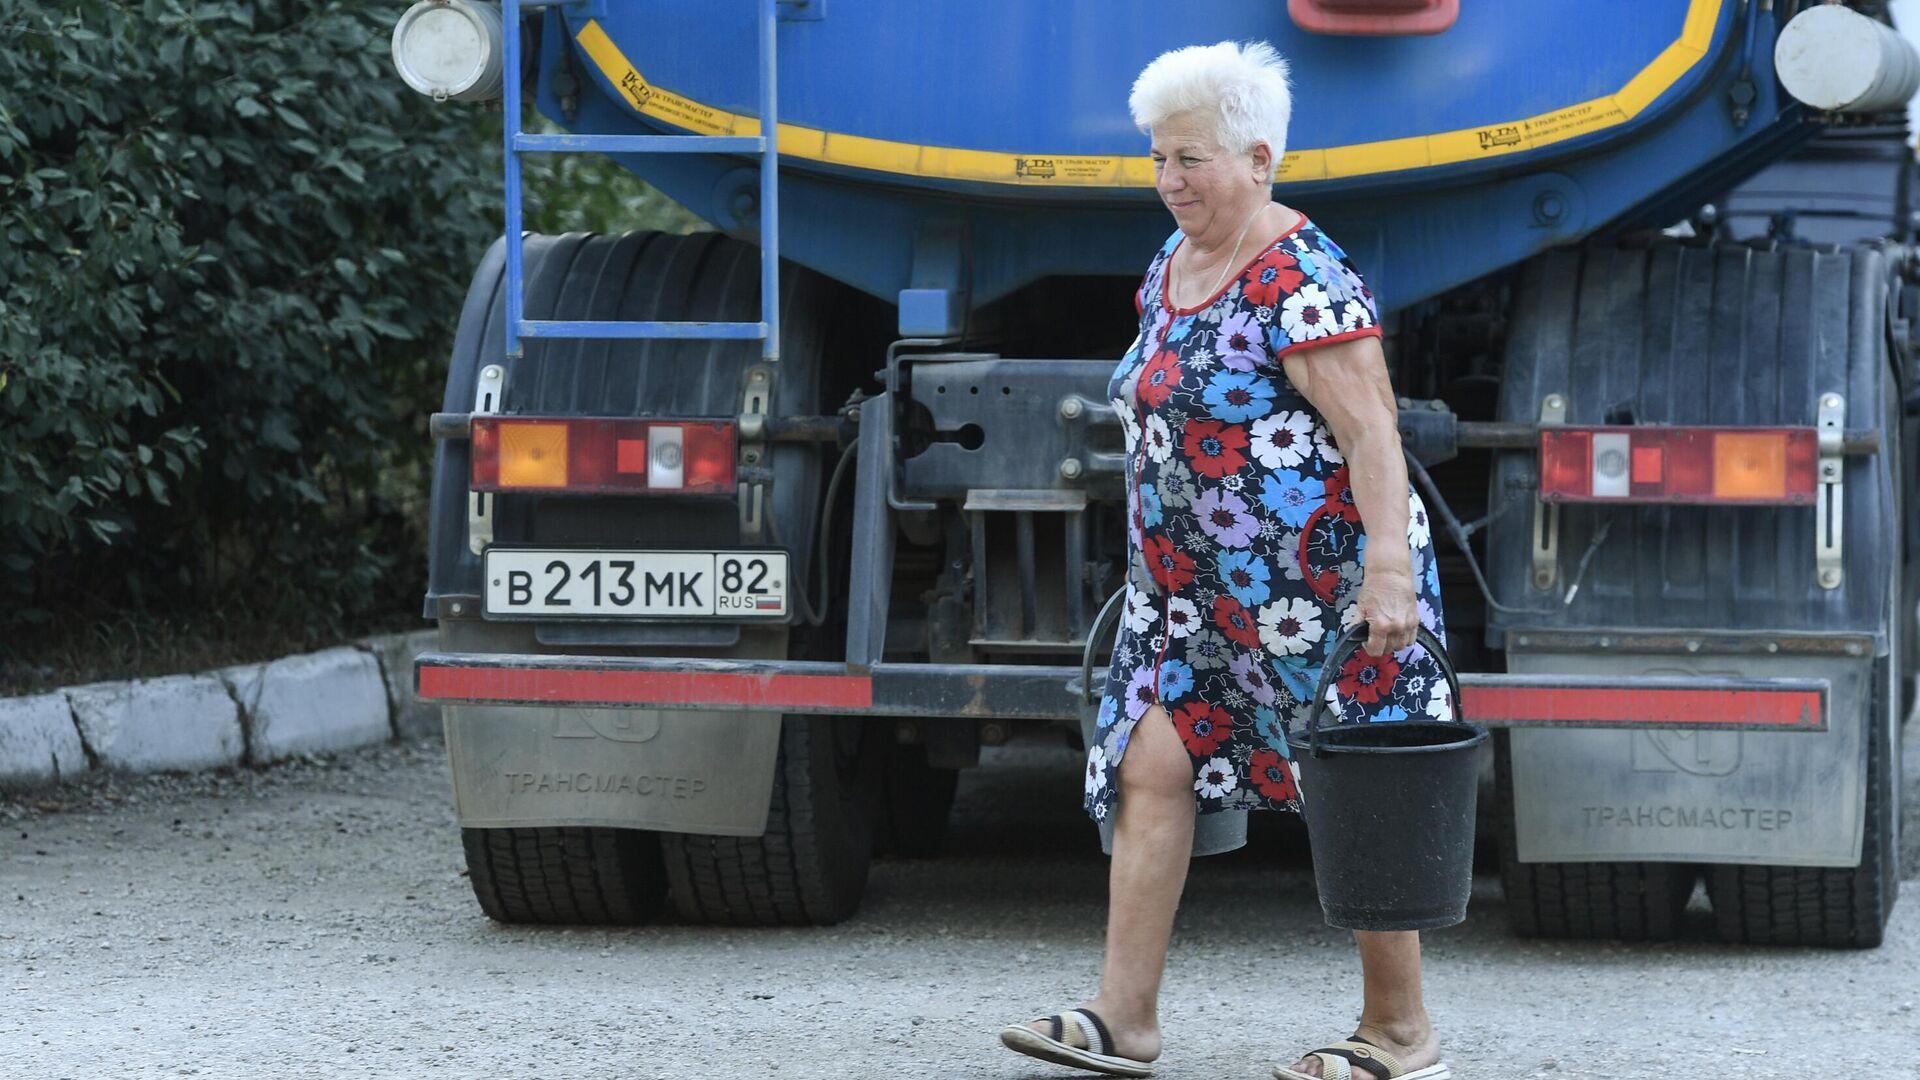 Жительница Cимферополя с набранной в ведра питьевой водой, привезенной в цистернах - РИА Новости, 1920, 08.09.2020